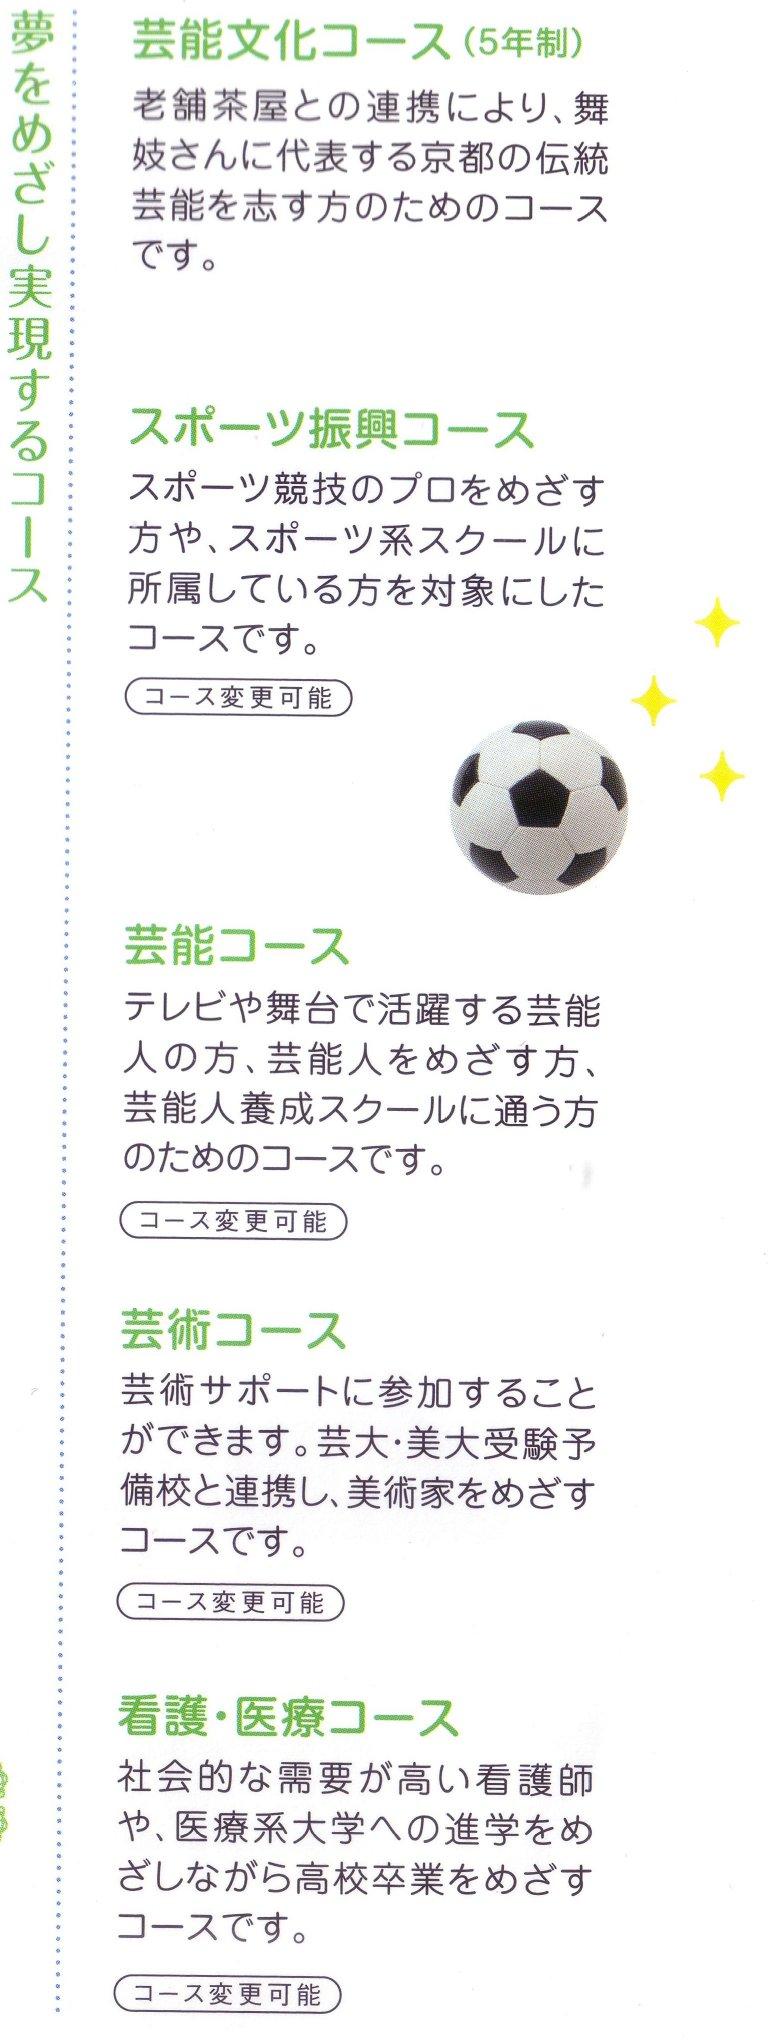 miyabu057.jpg